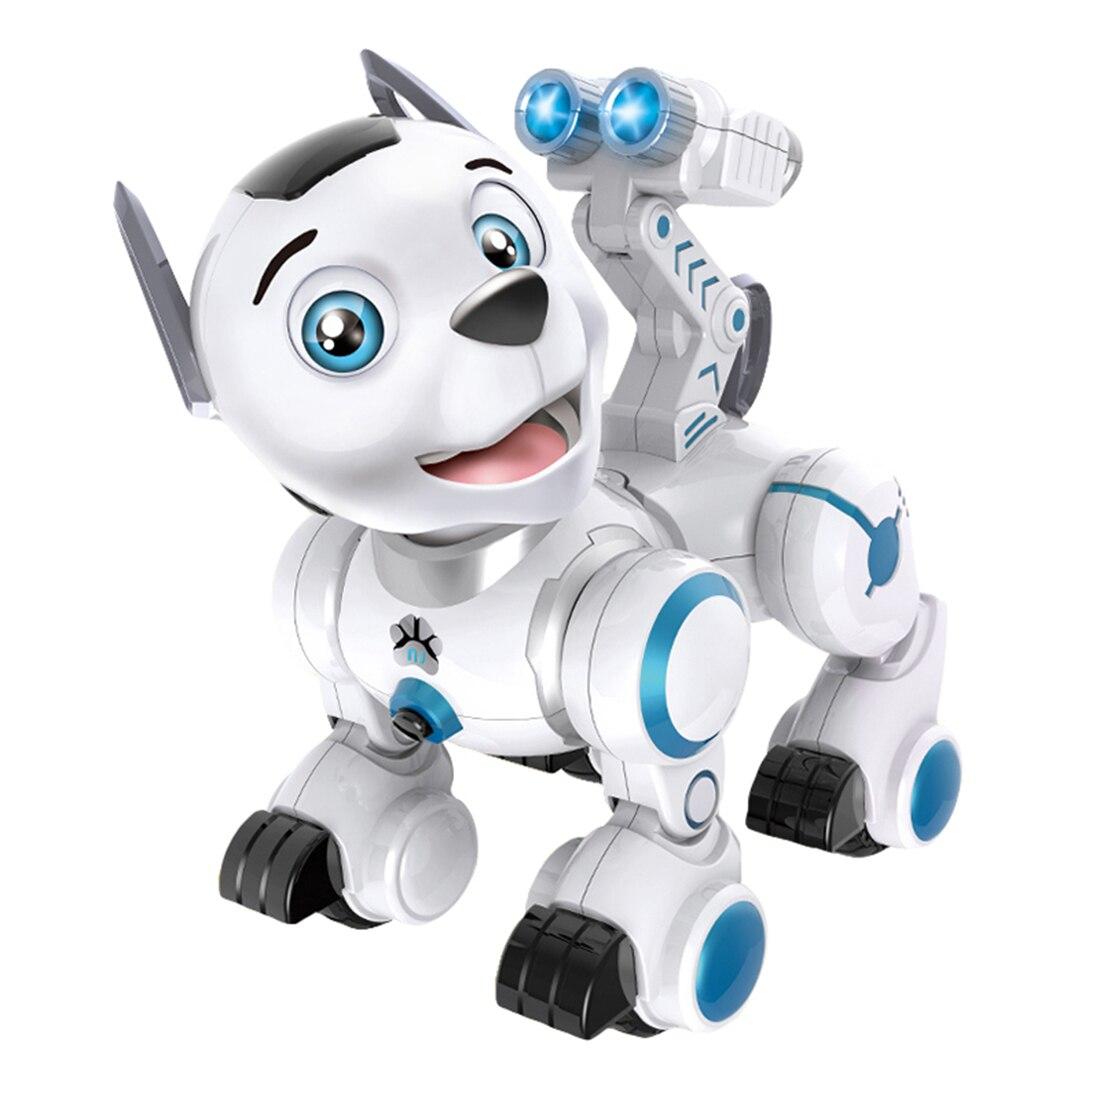 Jouet Intelligent de chien de patrouille de Robot Intelligent de RC de chien d'animal familier éducatif tôt d'enfants avec le clin d'oeil de danse pour le cadeau d'anniversaire d'enfant